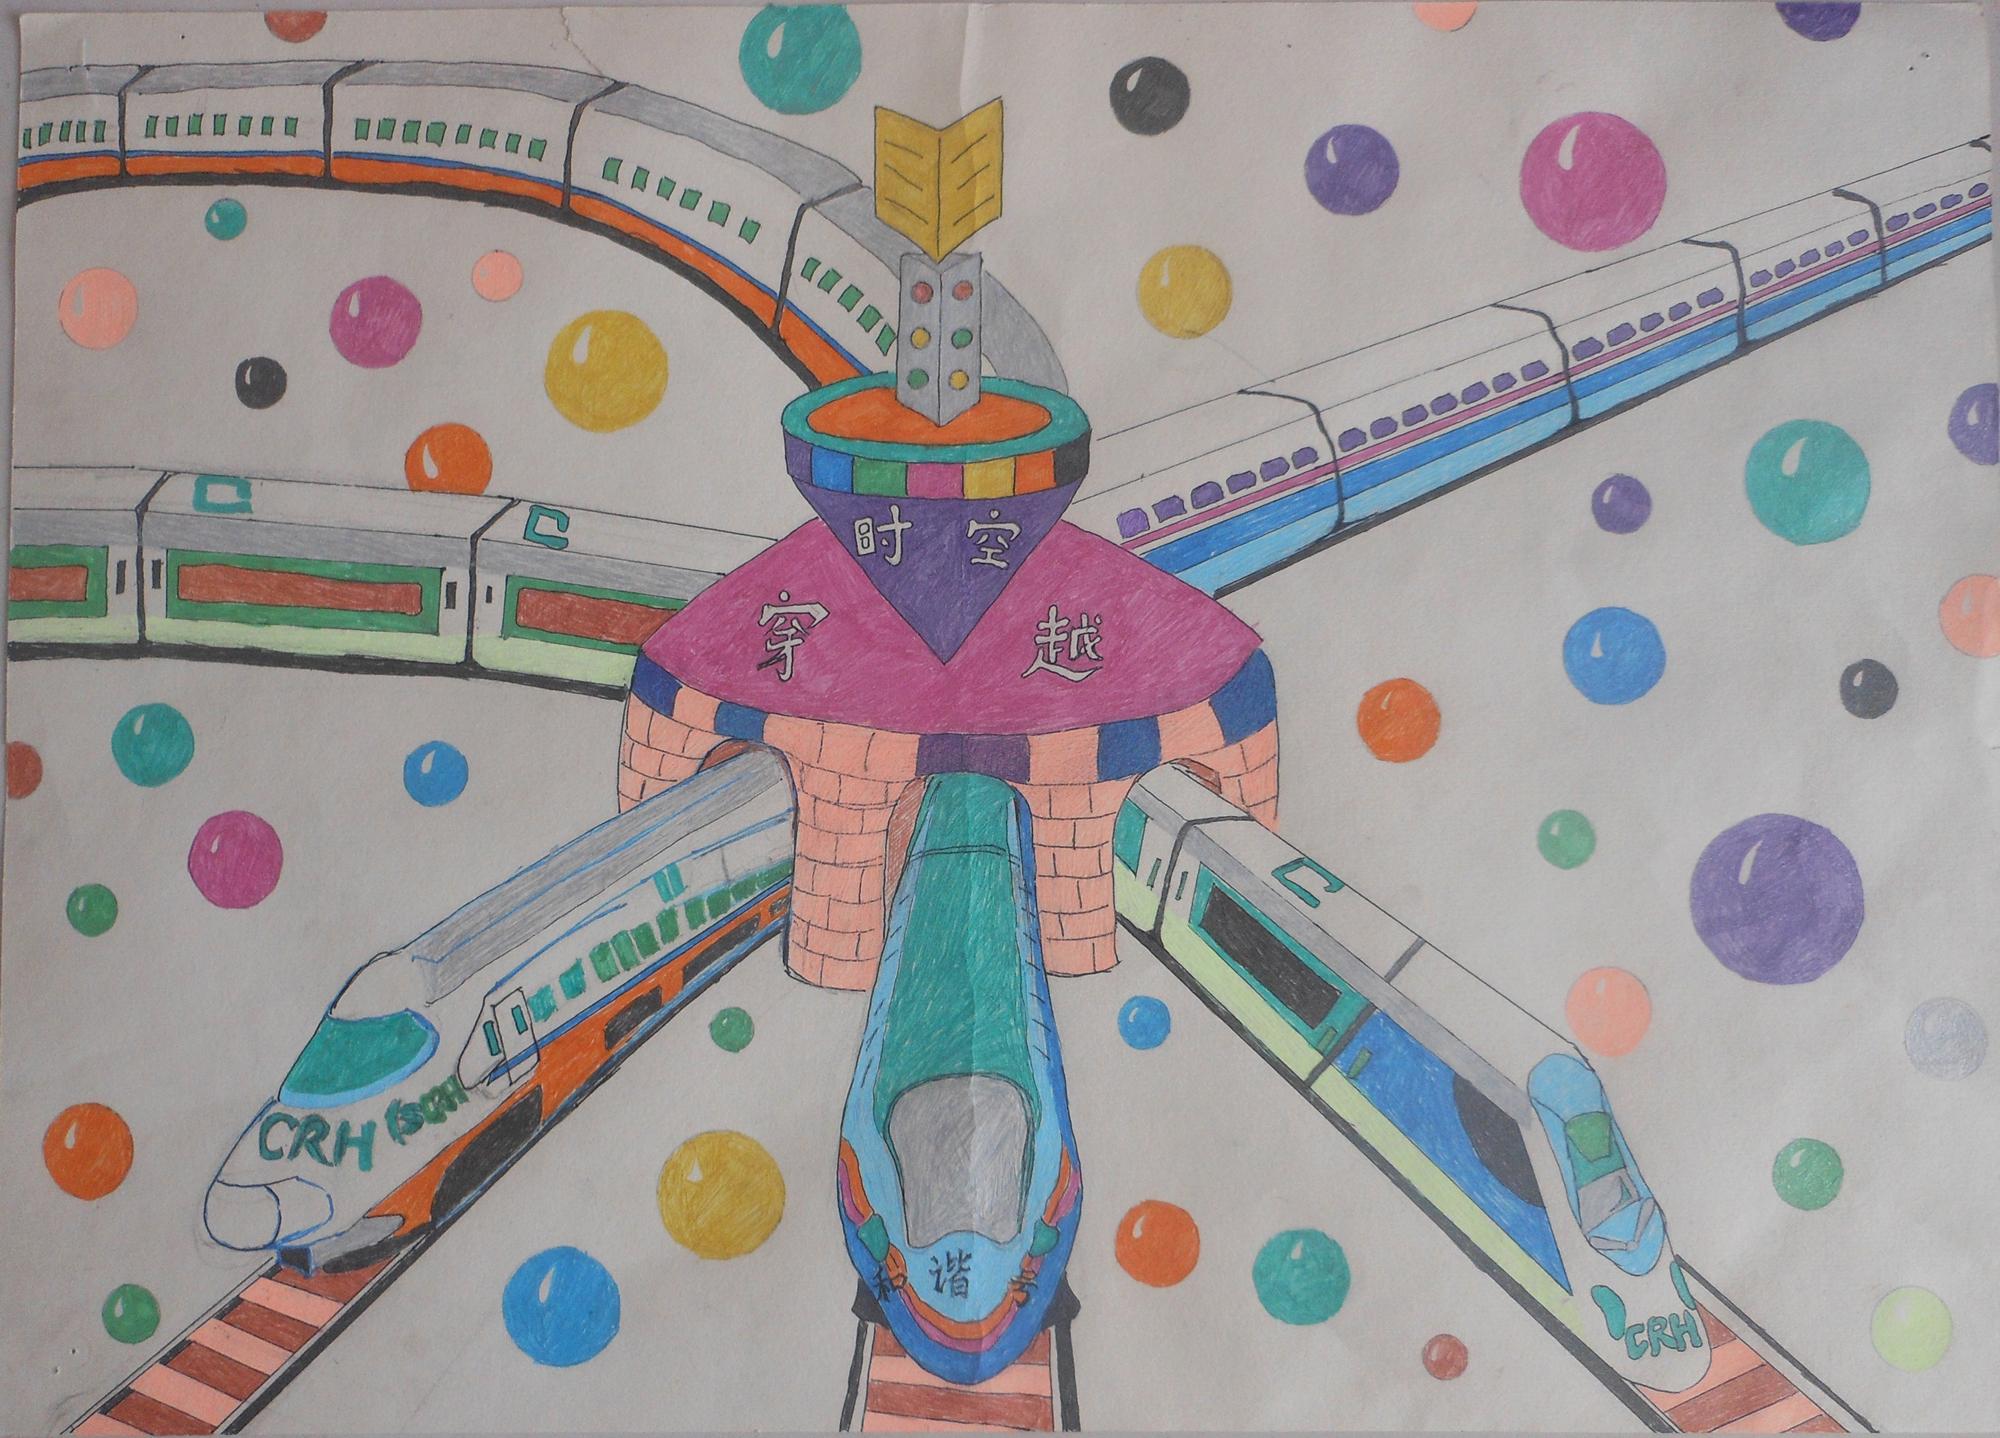 图片征集 想象科技绘画类  发布时间:2014-03-26 08:07发布者:萃清